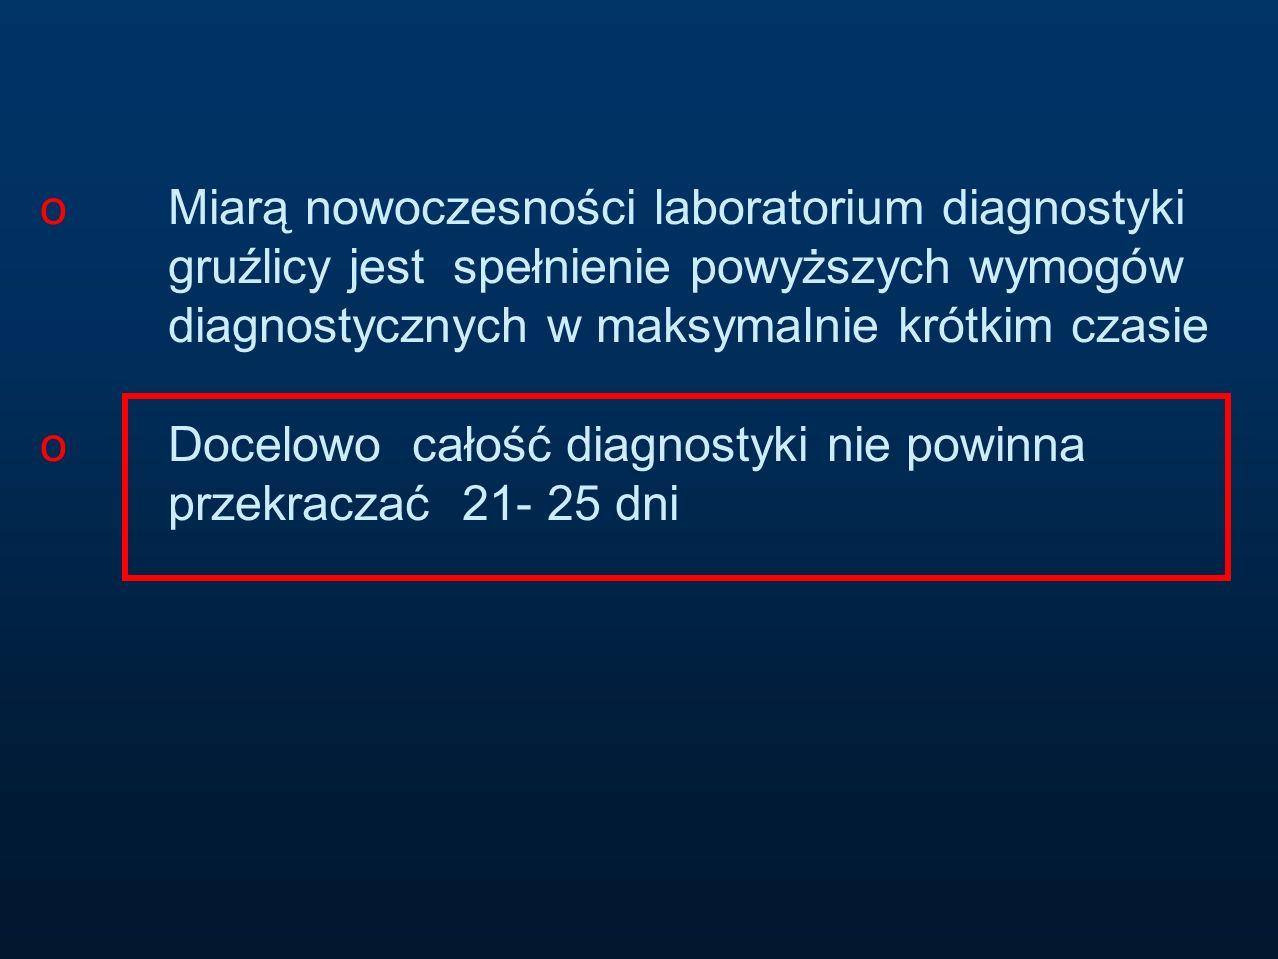 o Miarą nowoczesności laboratorium diagnostyki gruźlicy jest spełnienie powyższych wymogów diagnostycznych w maksymalnie krótkim czasie o Docelowo cał